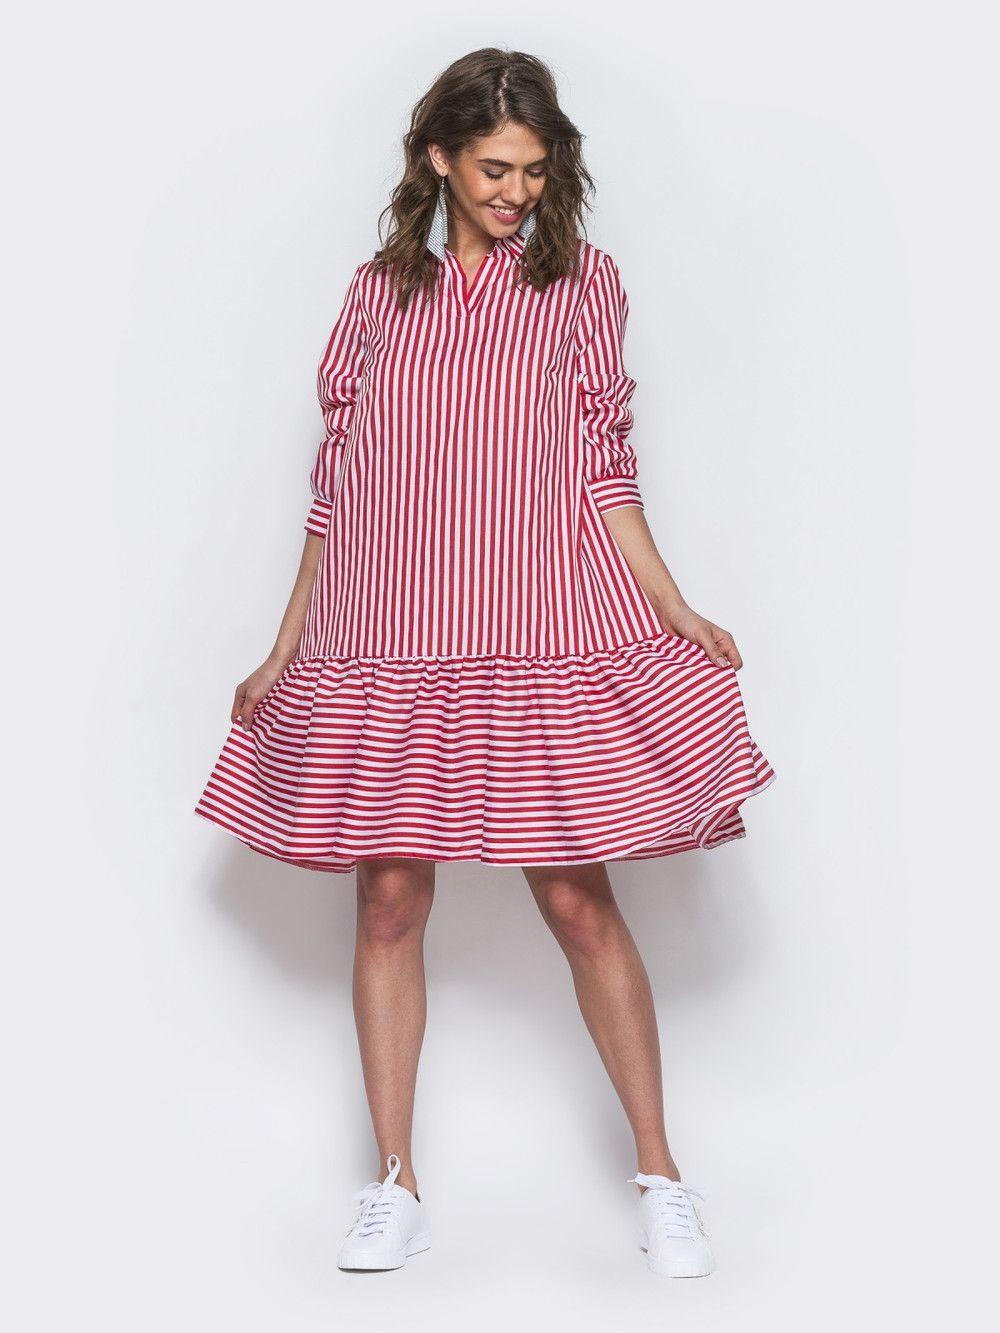 Erfreut Prom Kleid Streifen Bilder - Brautkleider Ideen ...